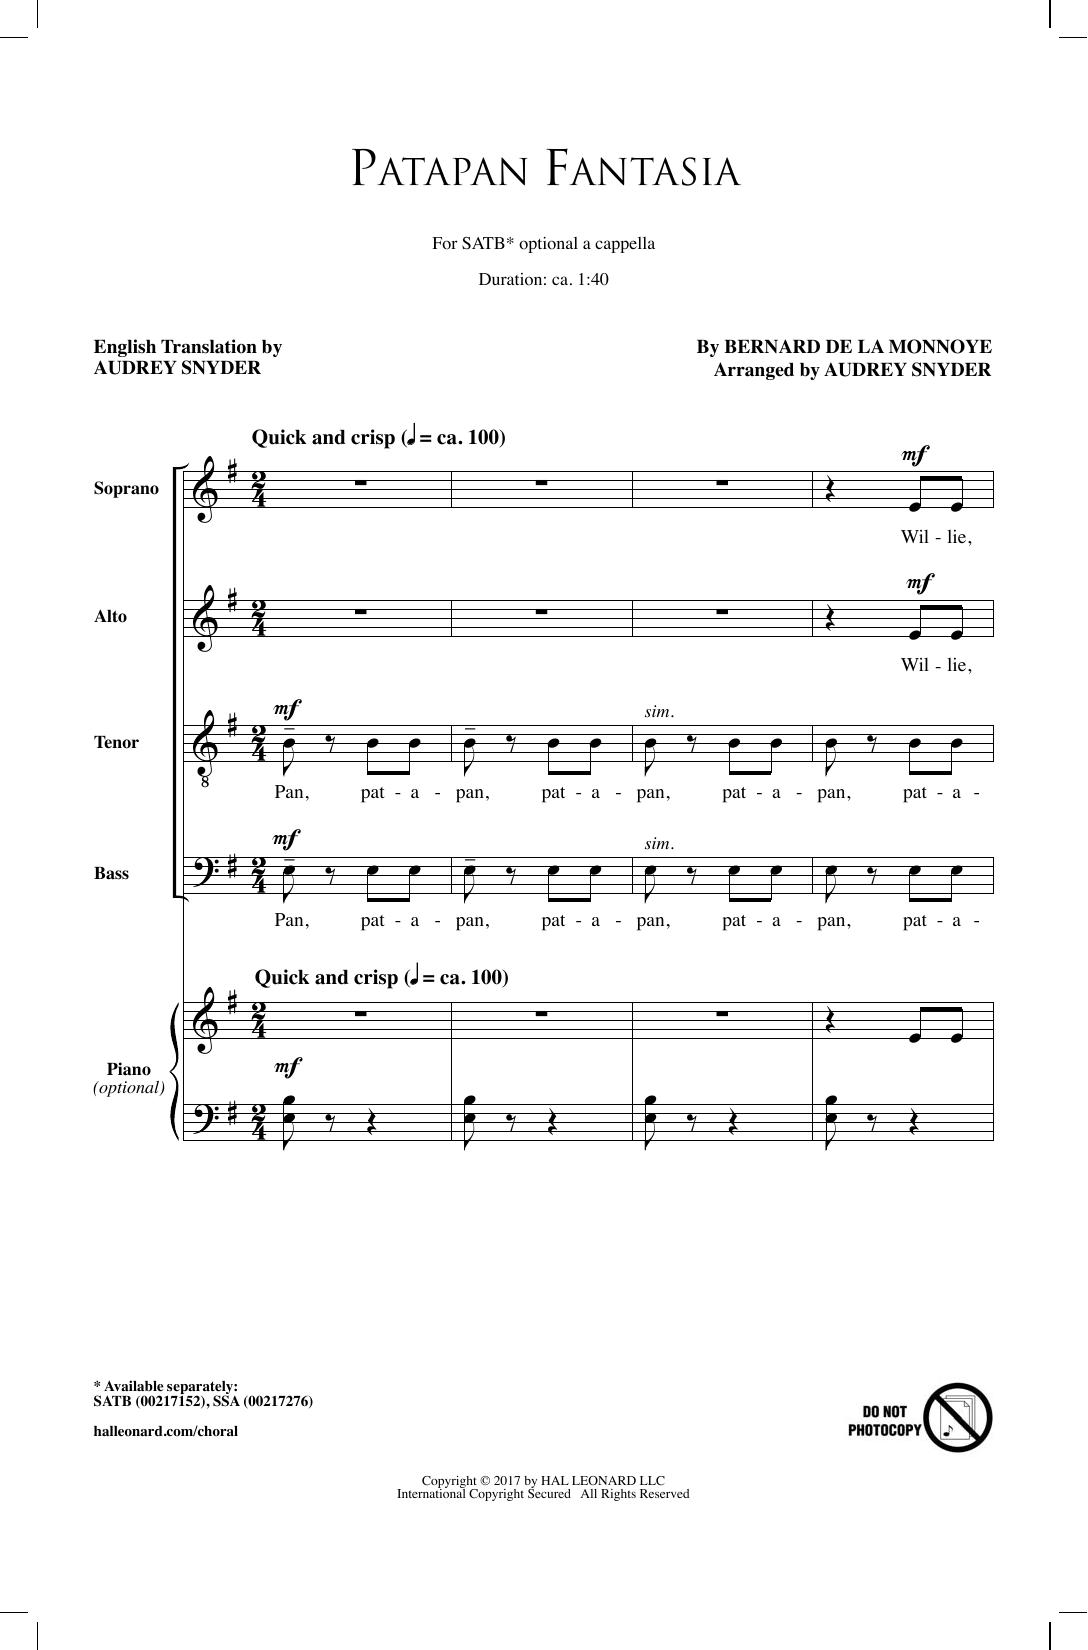 Patapan Fantasia Sheet Music